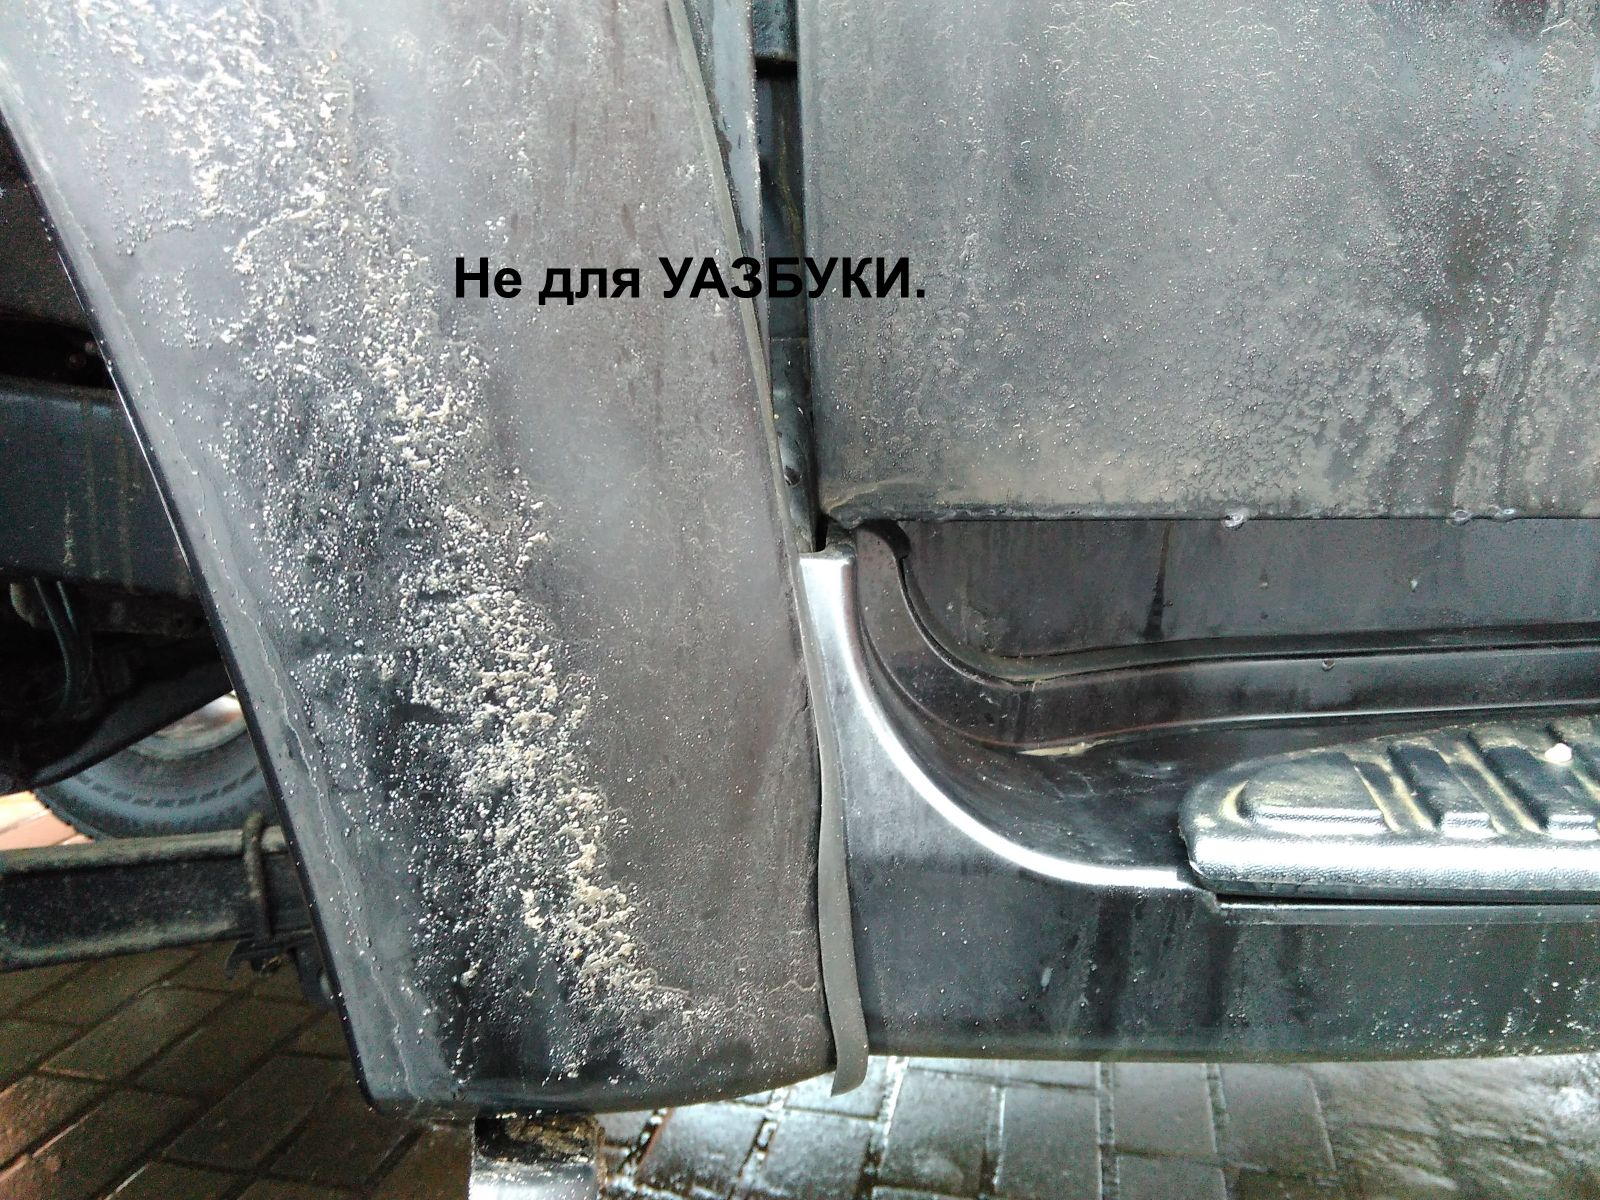 Пластиковый расширитель передней арки УАЗ Патриот.